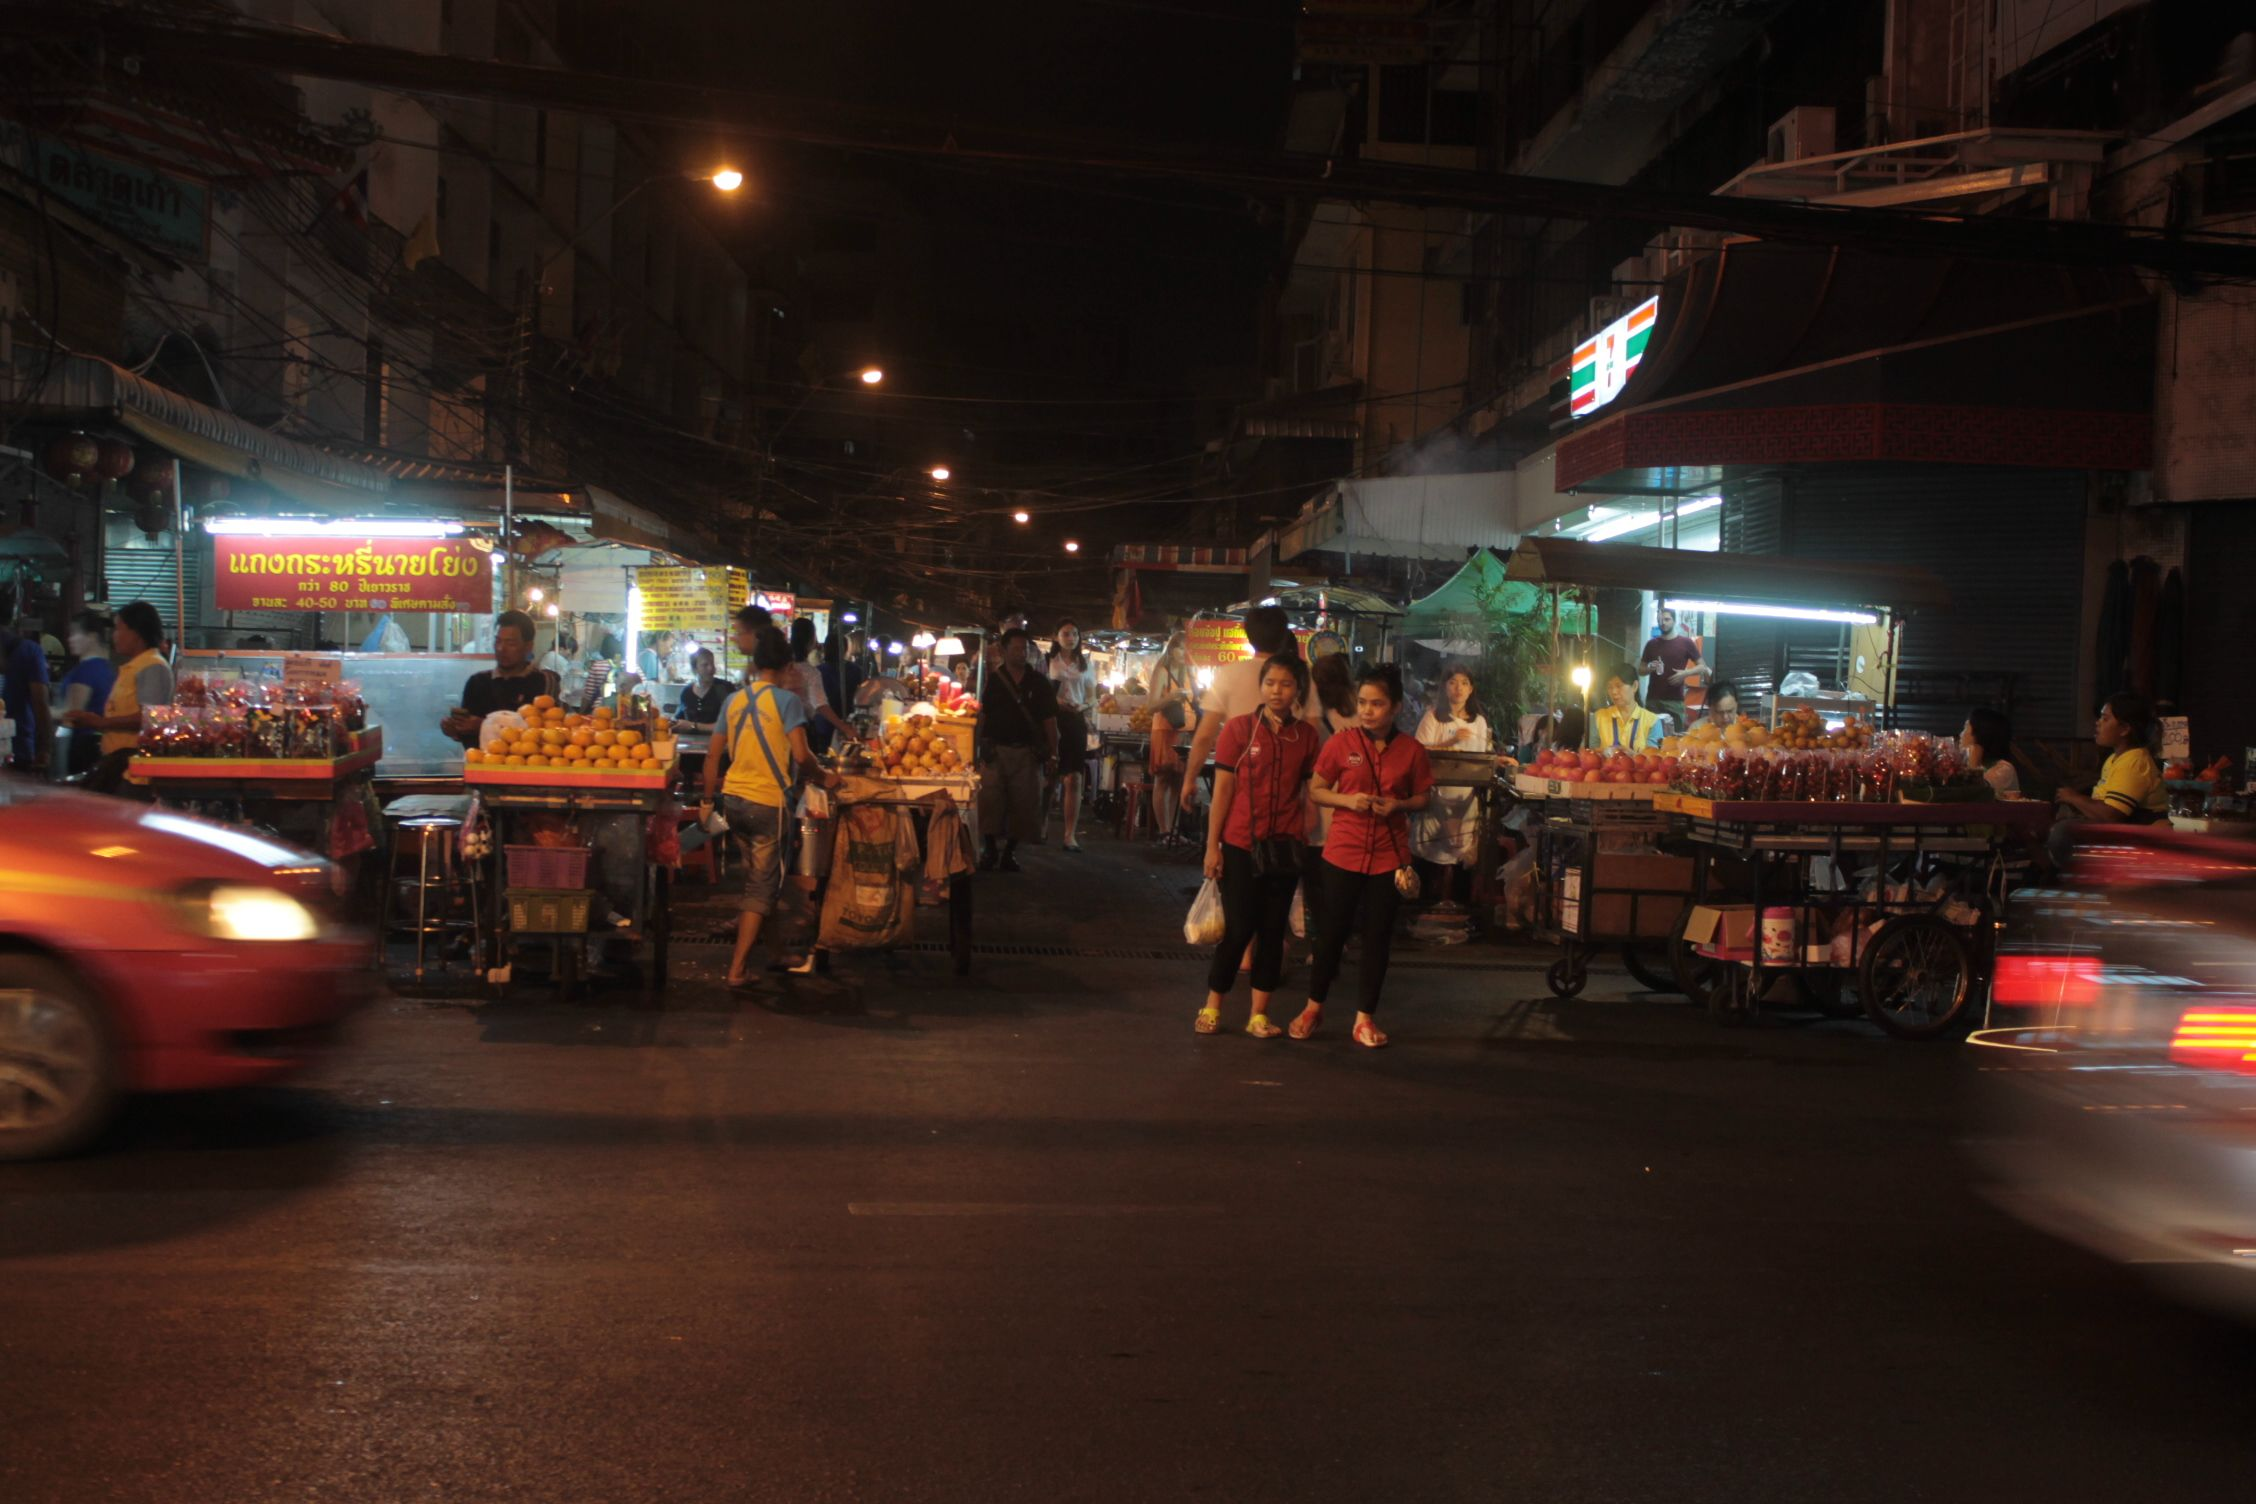 Puestos de frutas en un mercado nocturno